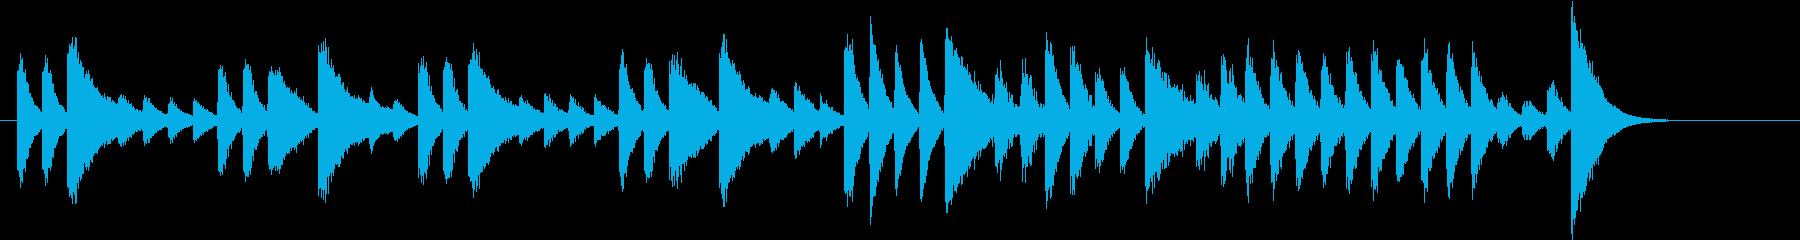 ウインターワンダーランドピアノジングルAの再生済みの波形